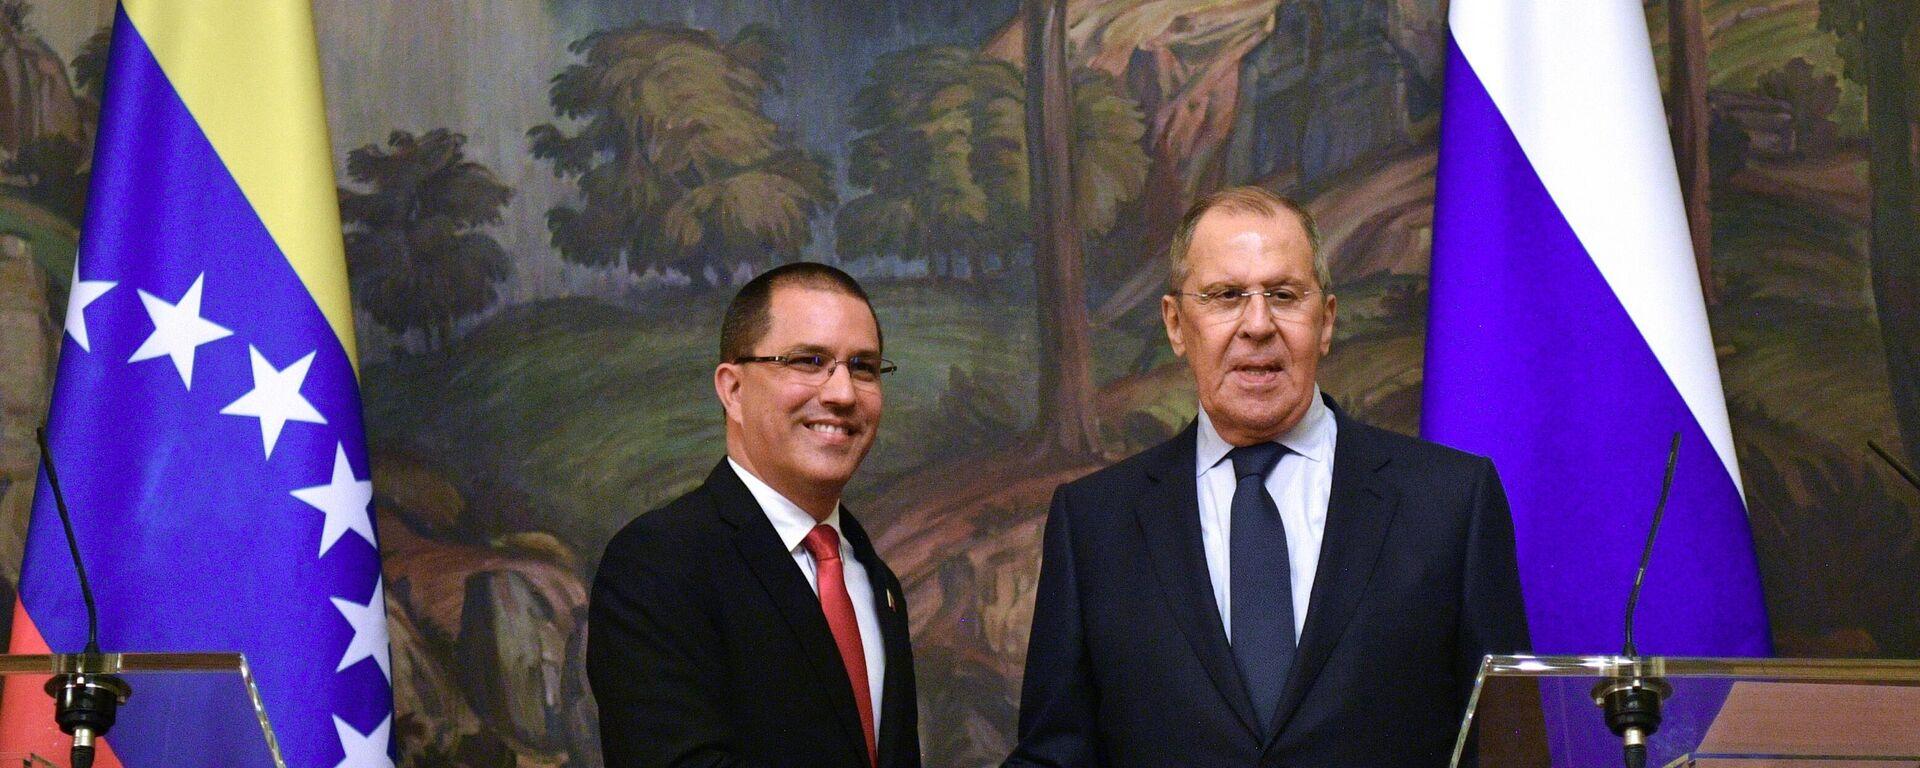 Los ministros de Exteriores de Venezuela y Rusia, Jorge Arreaza y Serguéi Lavrov - Sputnik Mundo, 1920, 22.06.2021